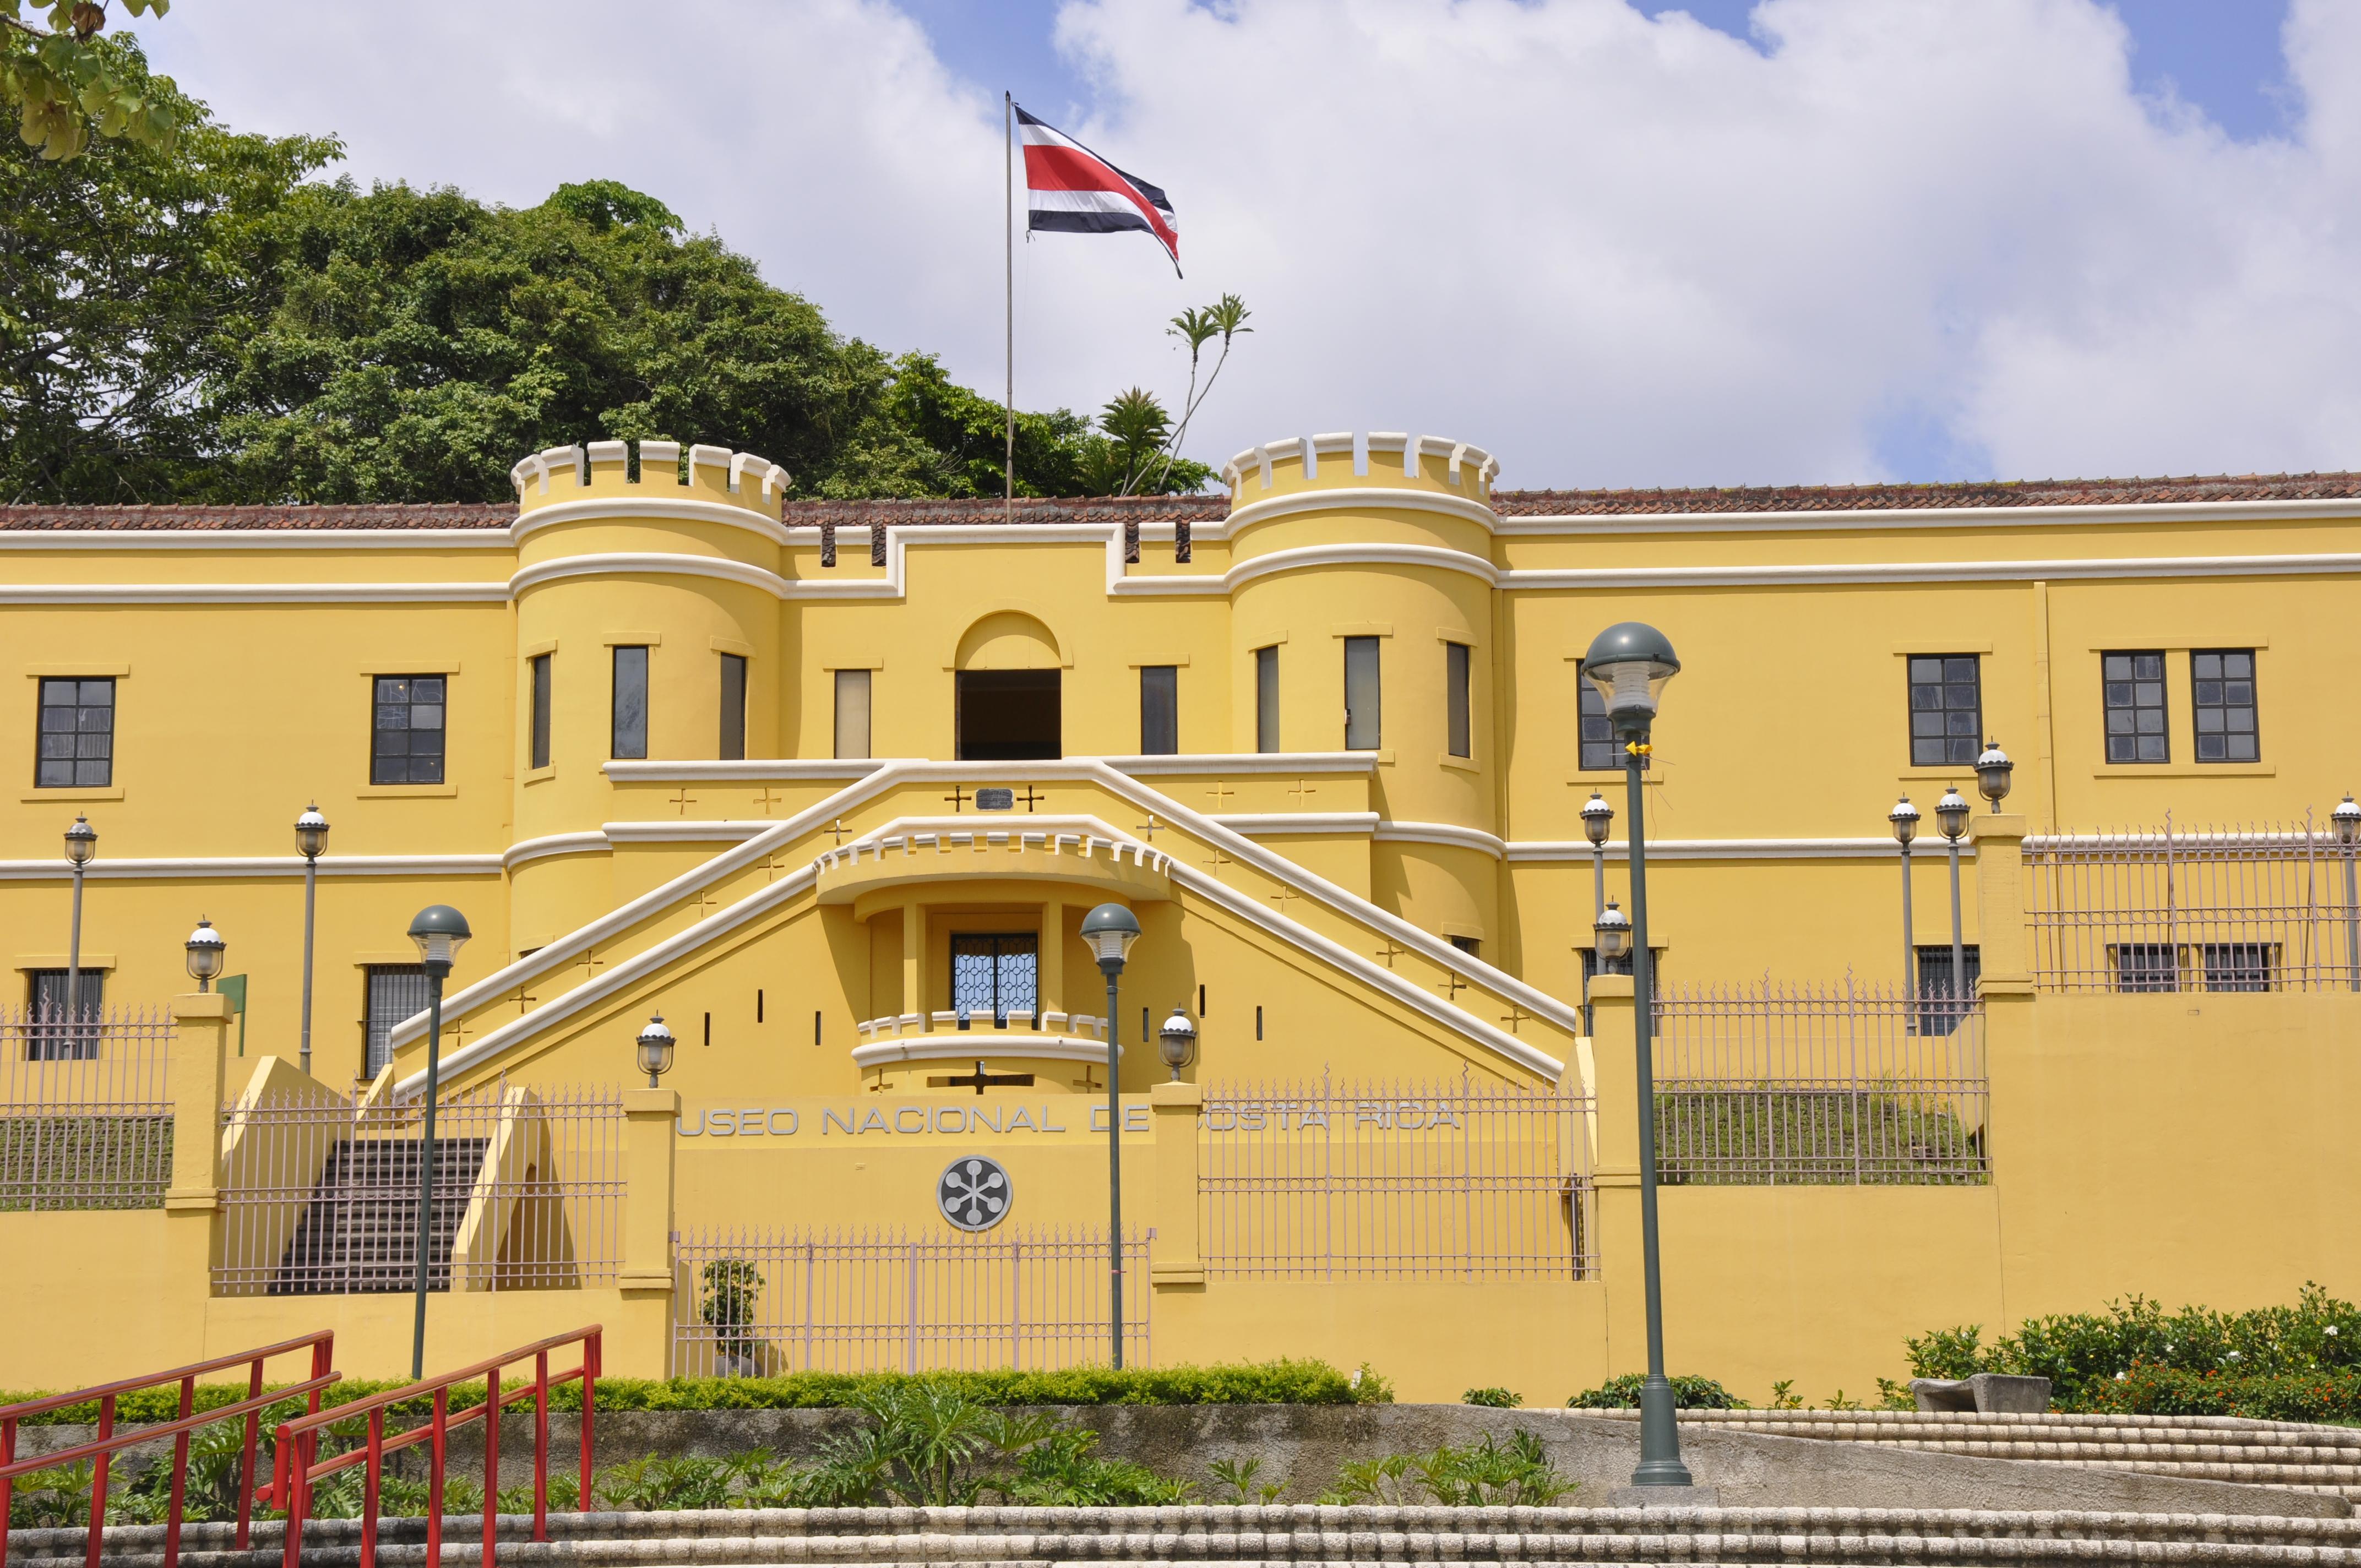 Museo Nacional De Arte Decorativo Manolo Blahnik